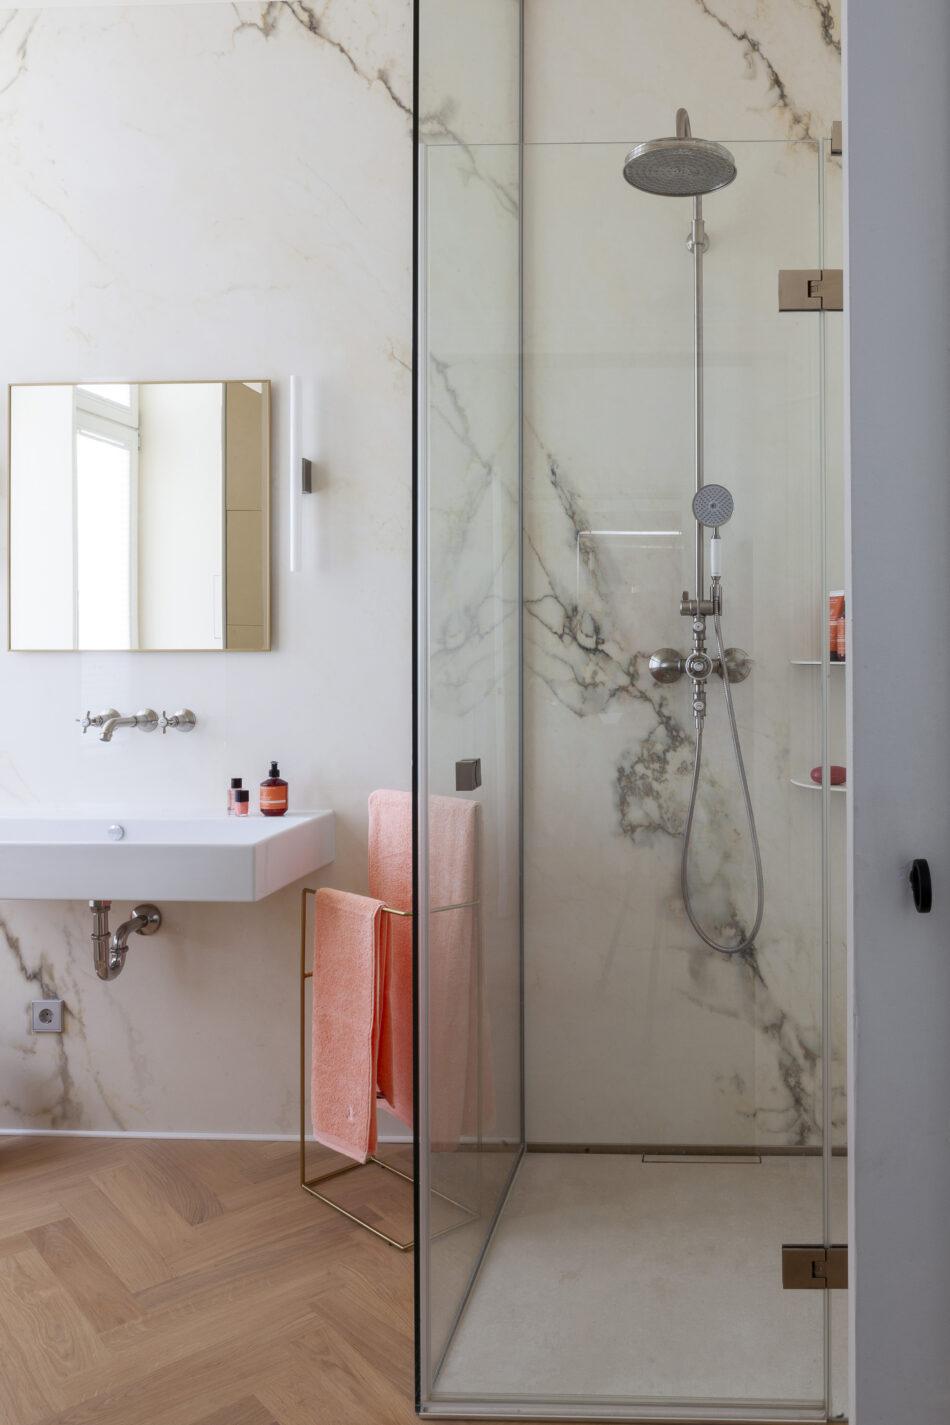 Antonius Schimmelbusch_Apartment_Berlin_Anne-Catherine Scoffoni_privat_26